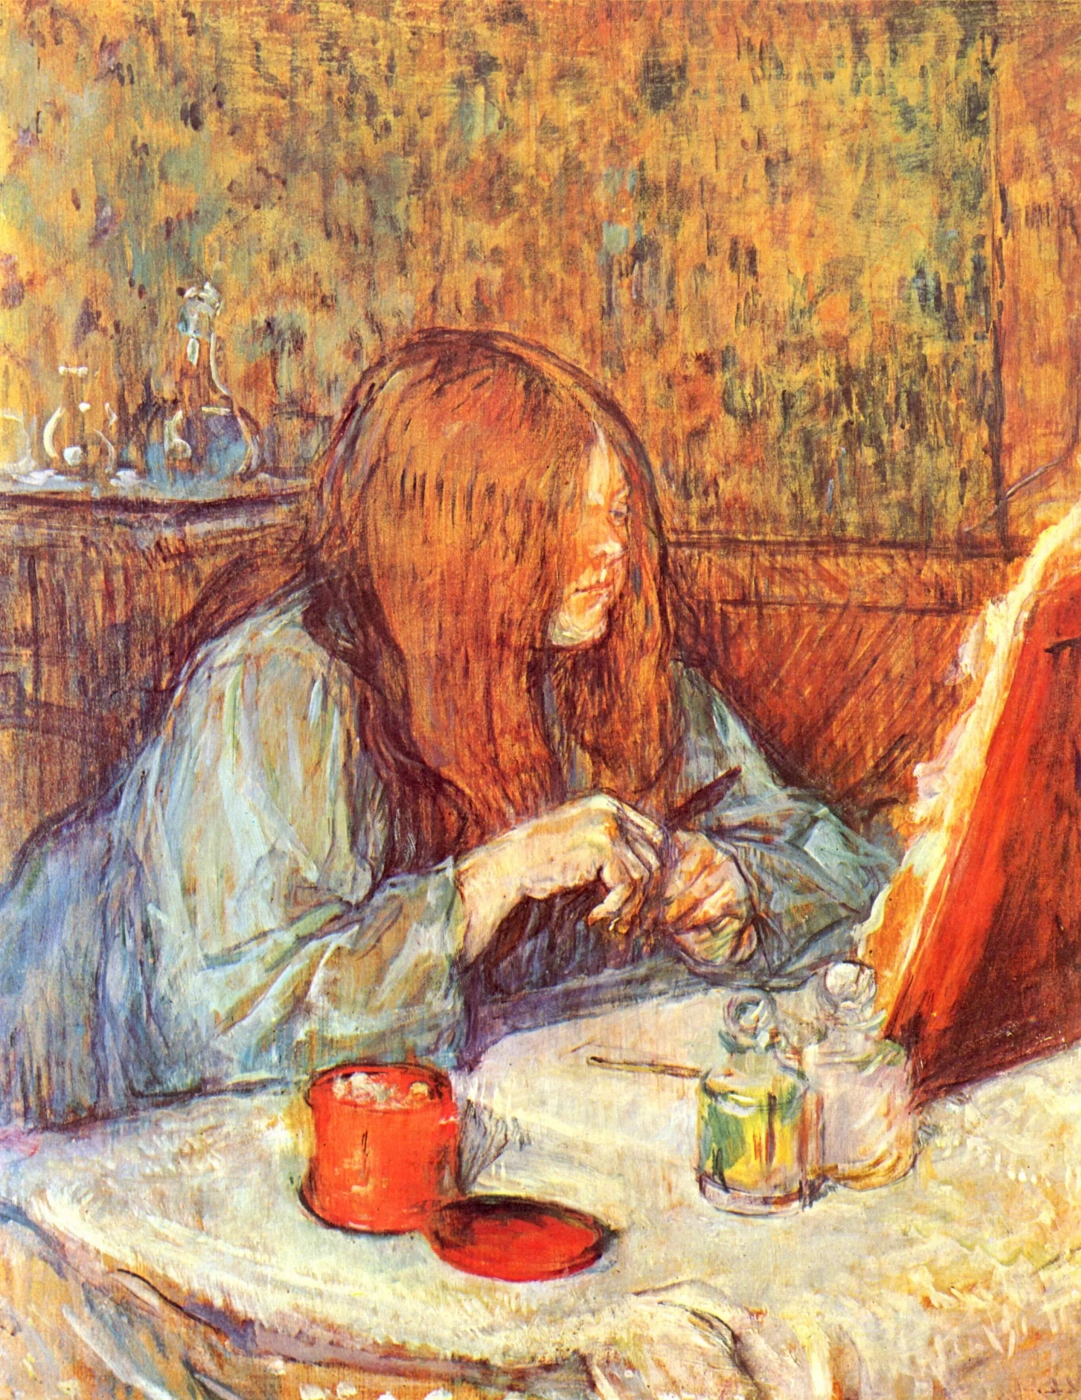 Мадам популь прихорашивается Анри де Тулуз-Лотрек Живопись, 1898, 60.8 × 49.6 см